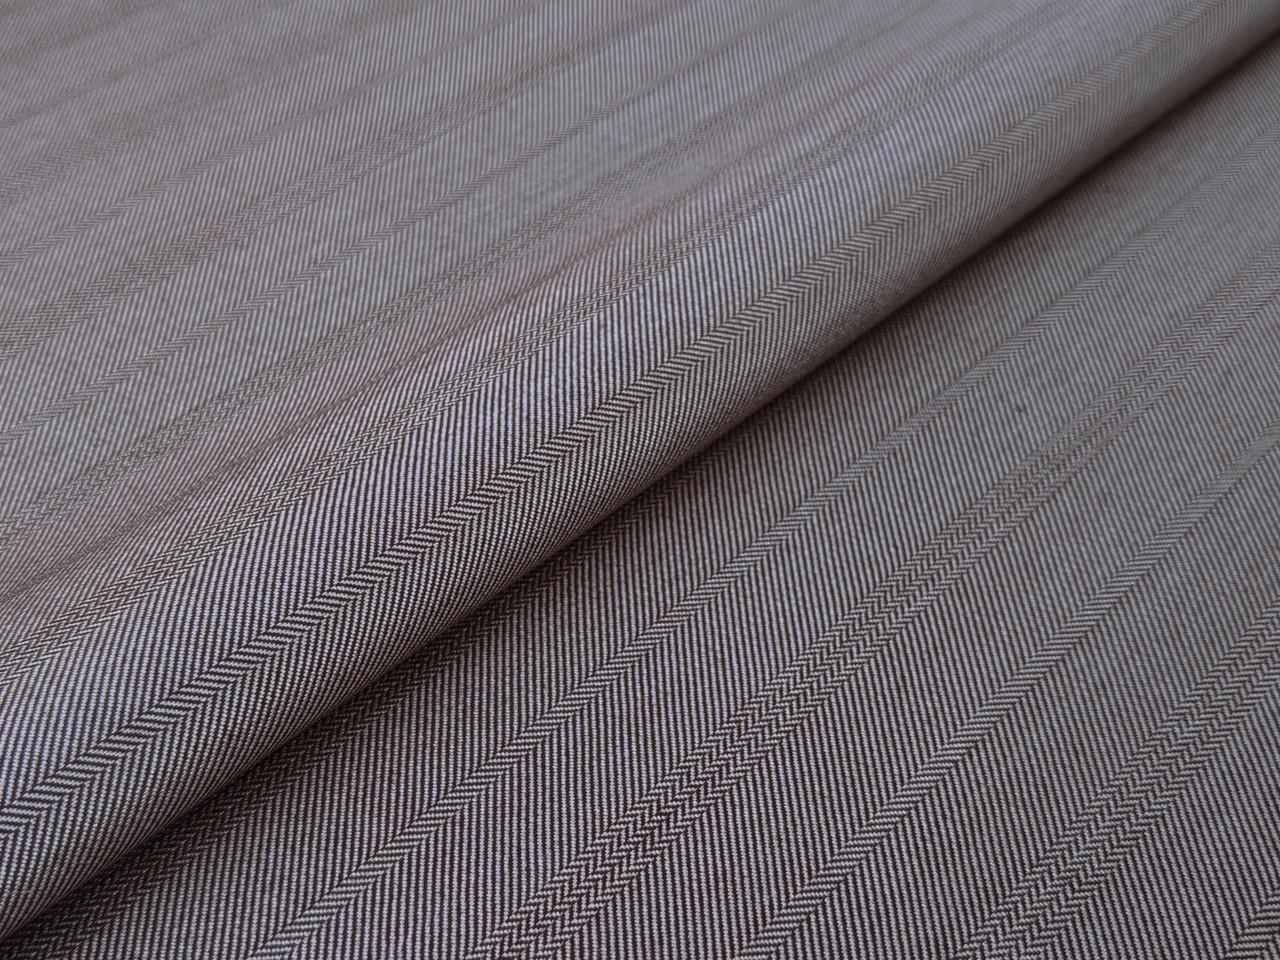 Ткань Костюмная Вива полоска елочка 25 мм, коричнево-серый